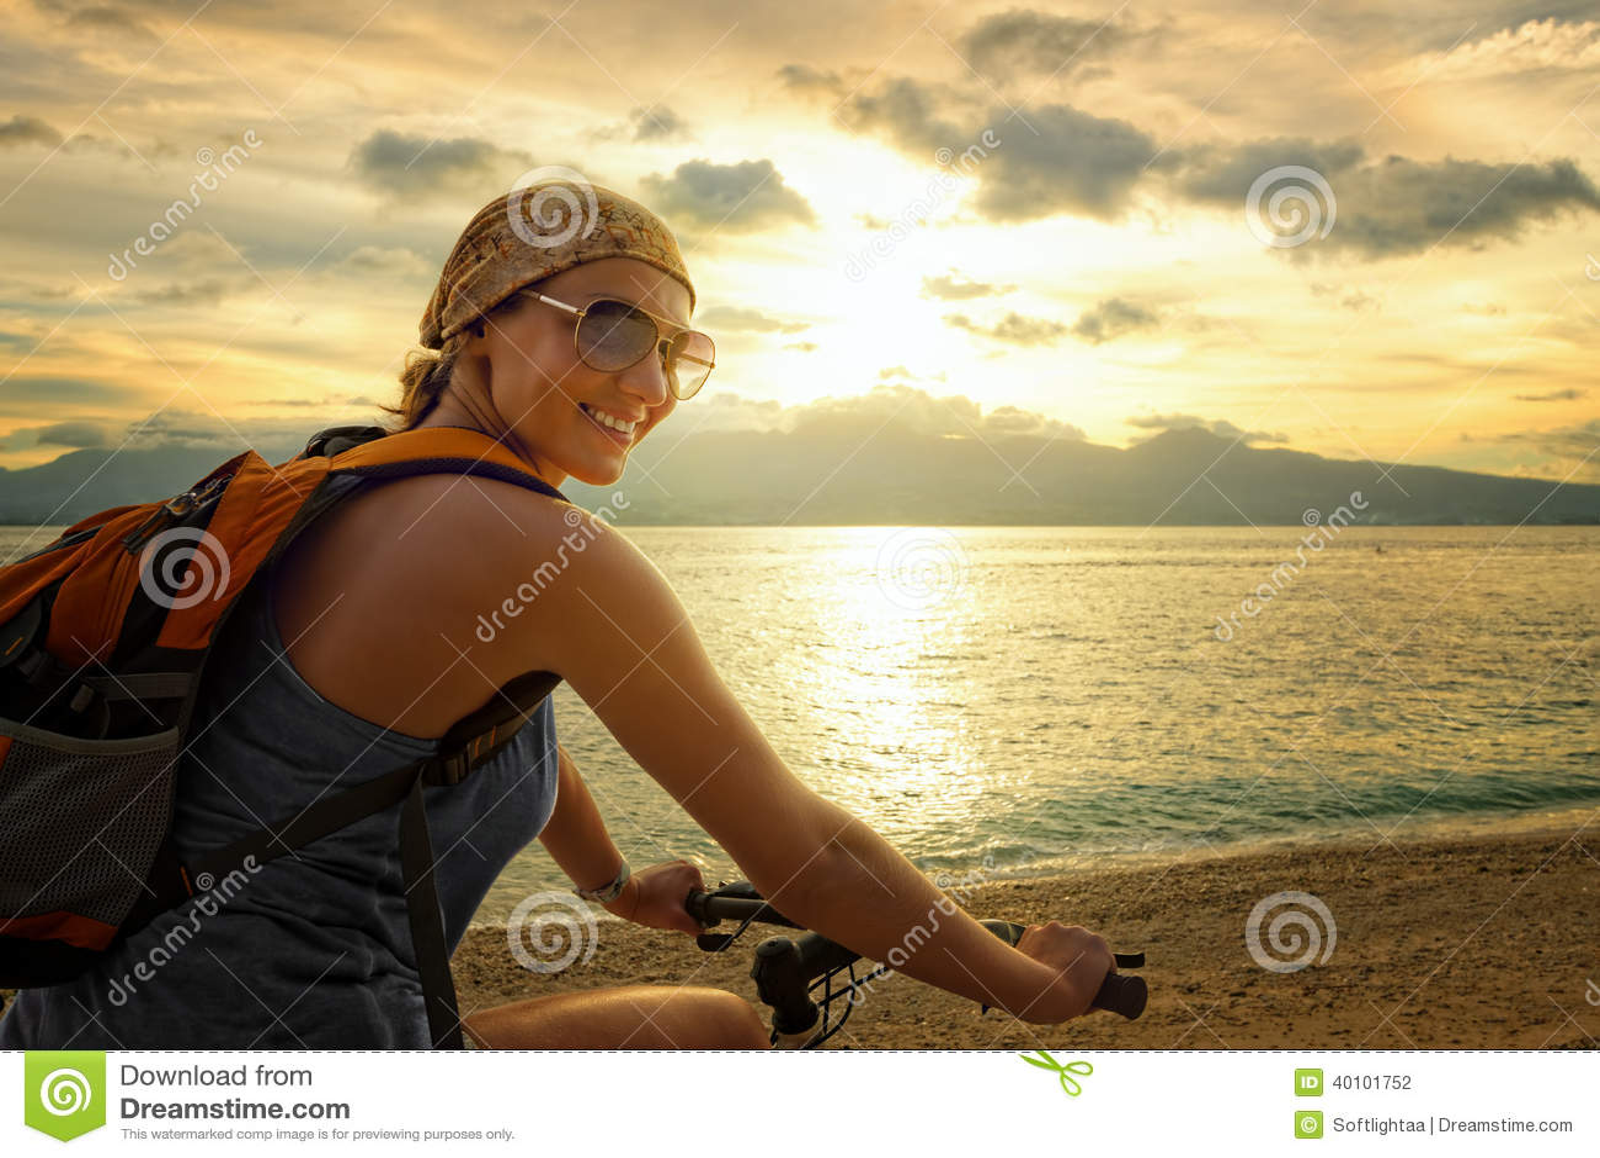 Νέα γυναίκα με το σακίδιο πλάτης που στέκεται στην ακτή κοντά στο ποδήλατό του